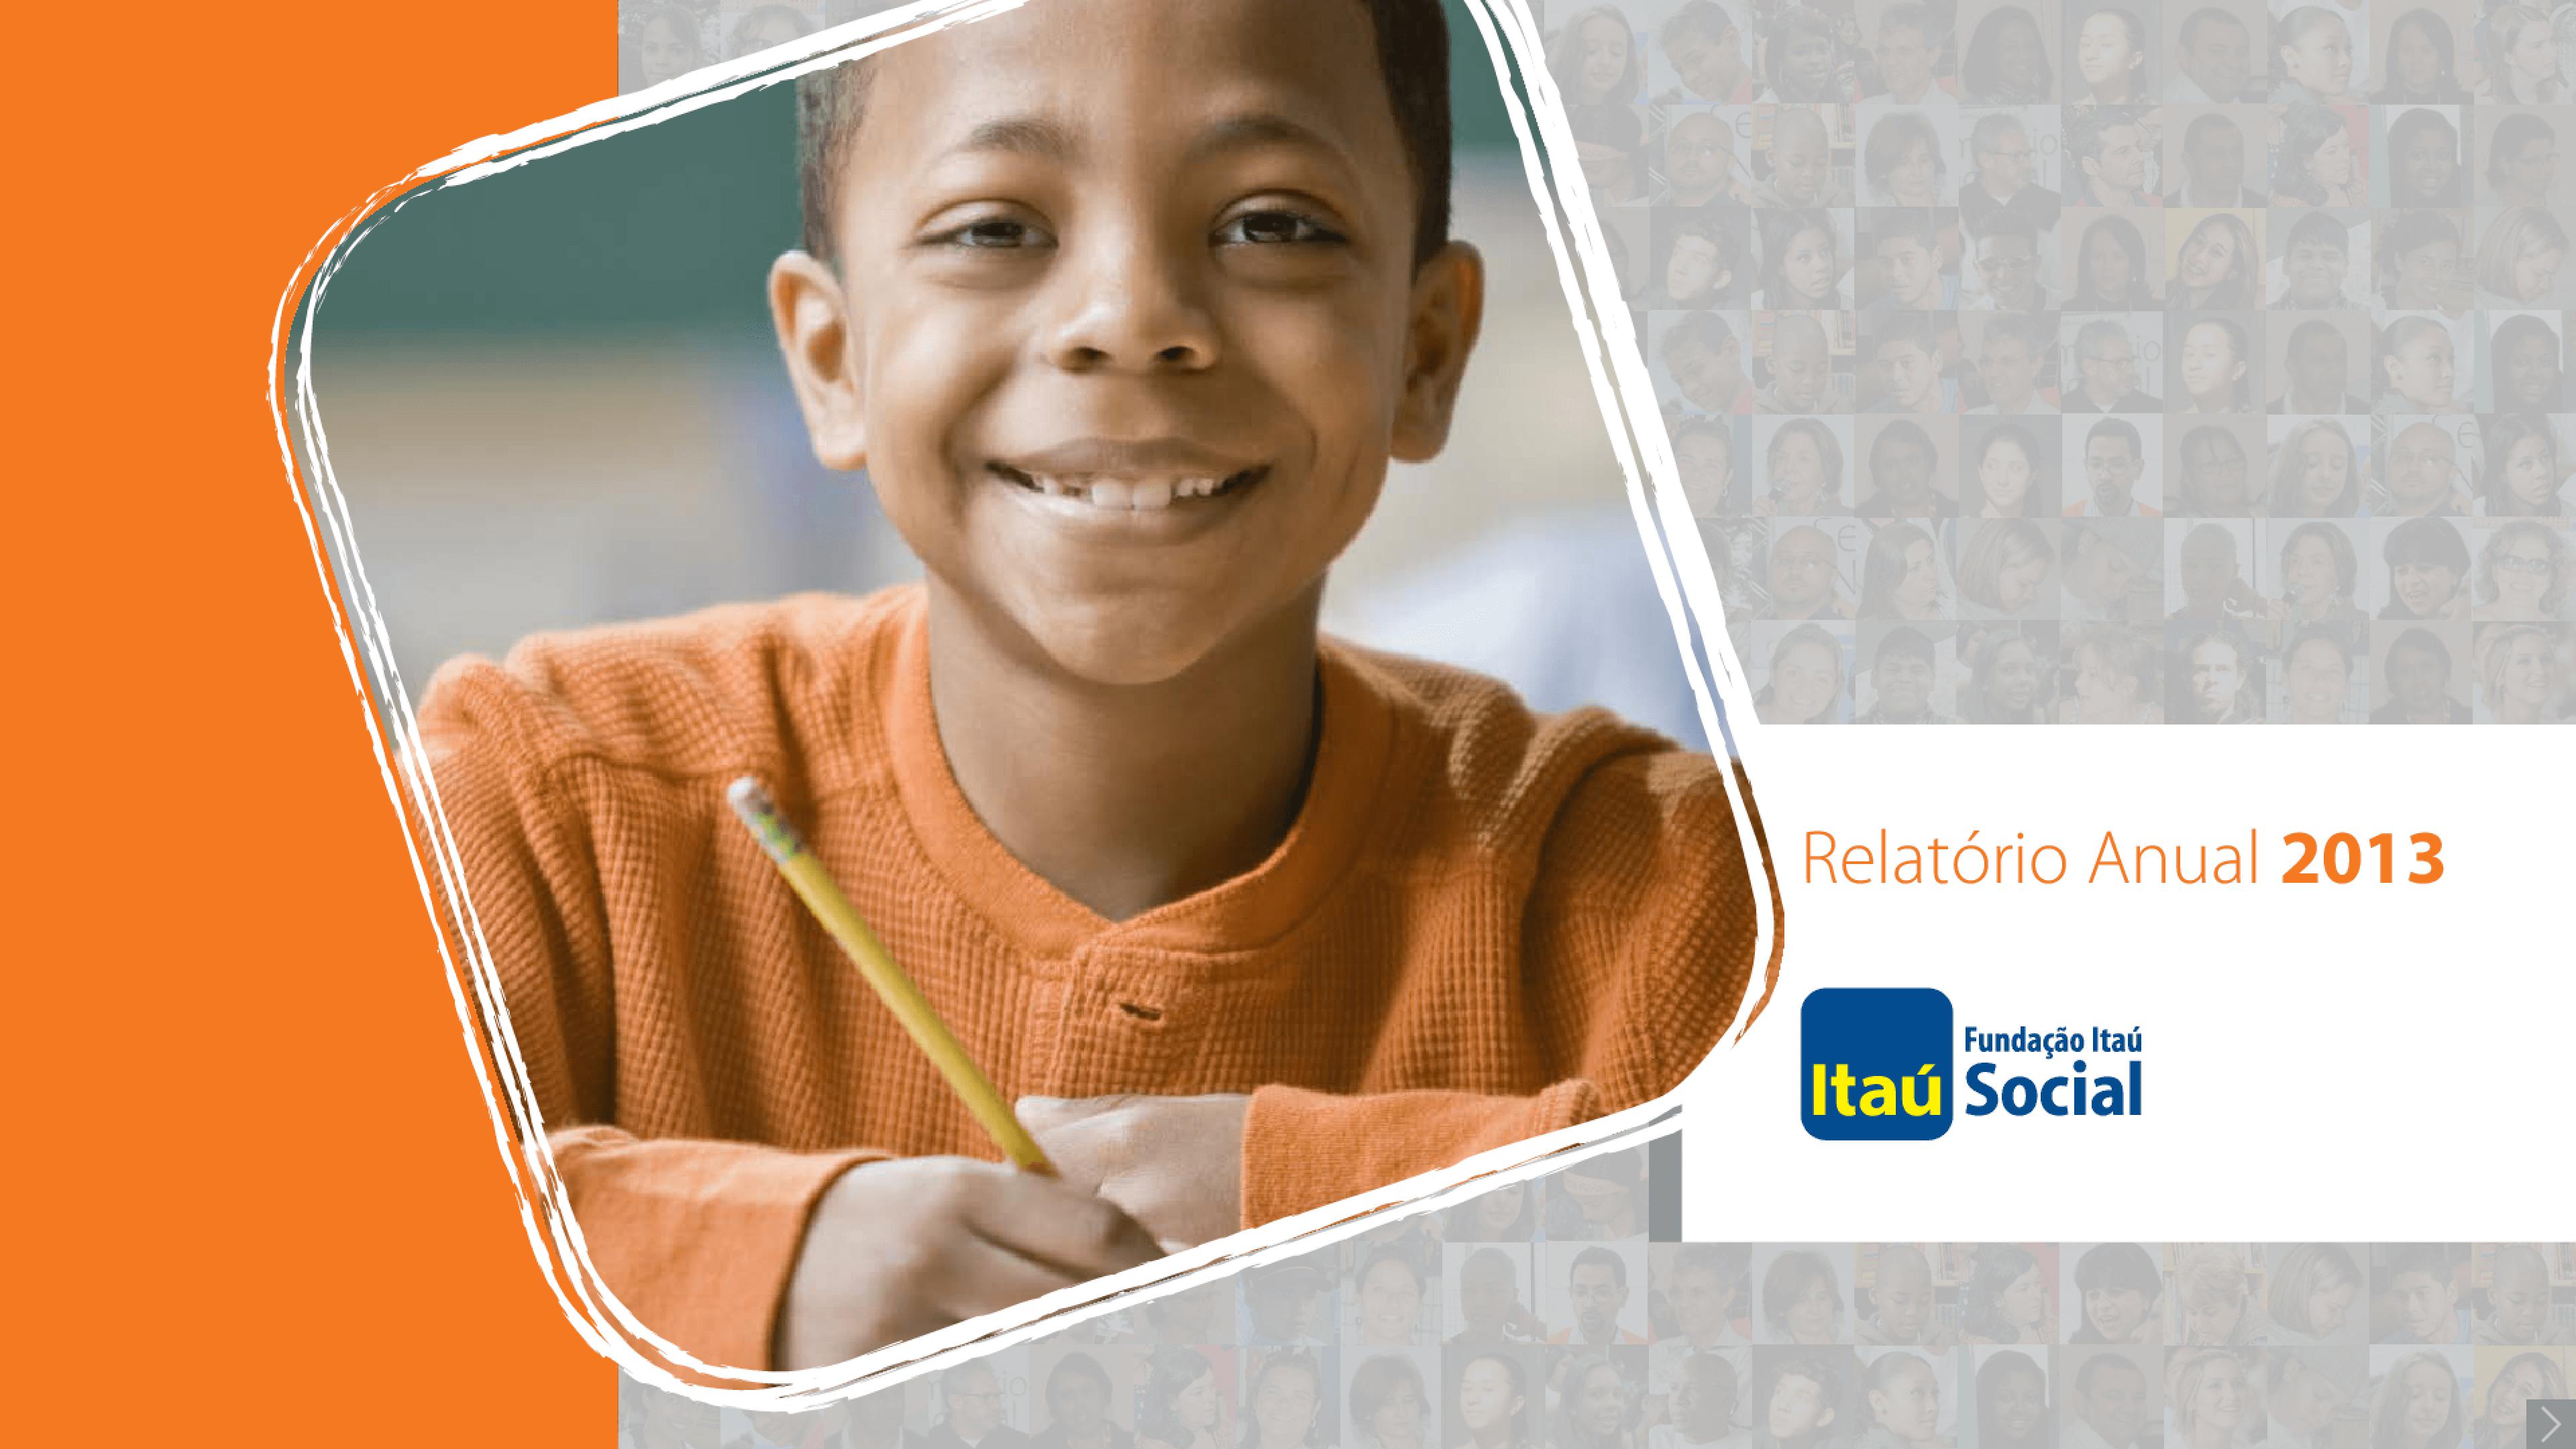 Relatório anual de atividades 2013 -- Fundação Itaú Social